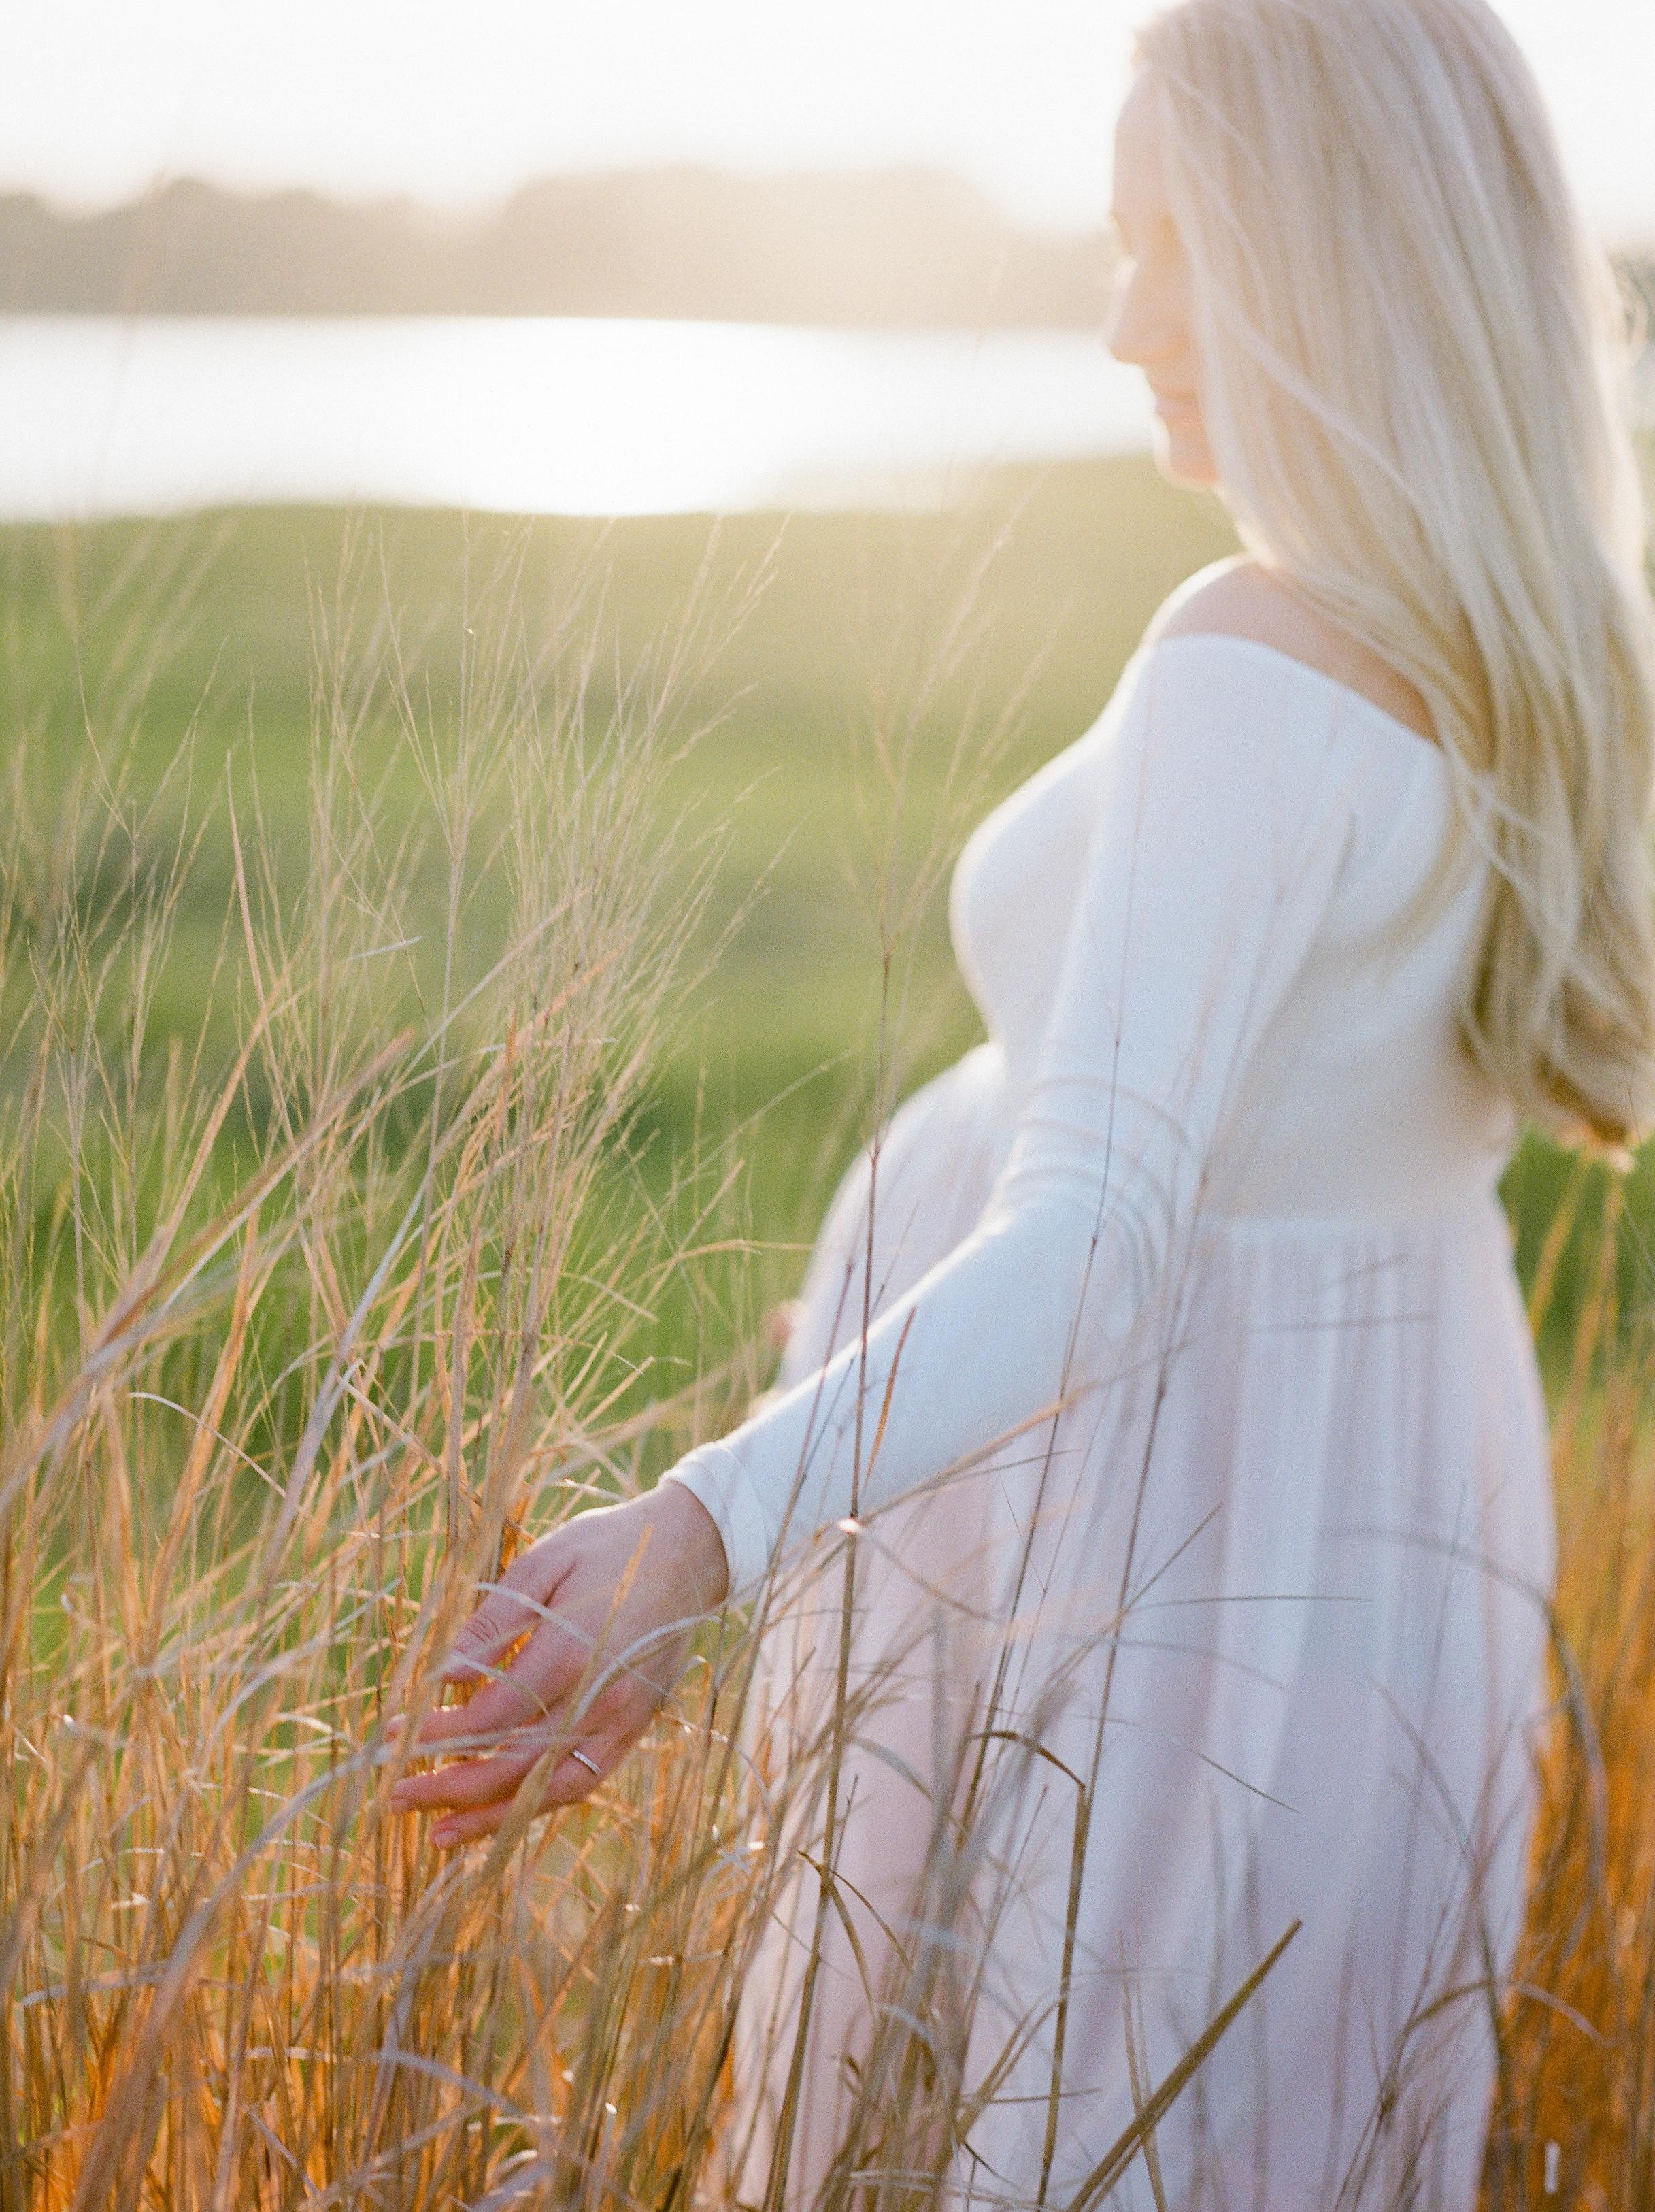 olya_vitulli_photography_martyna_maternity-1-17.jpg